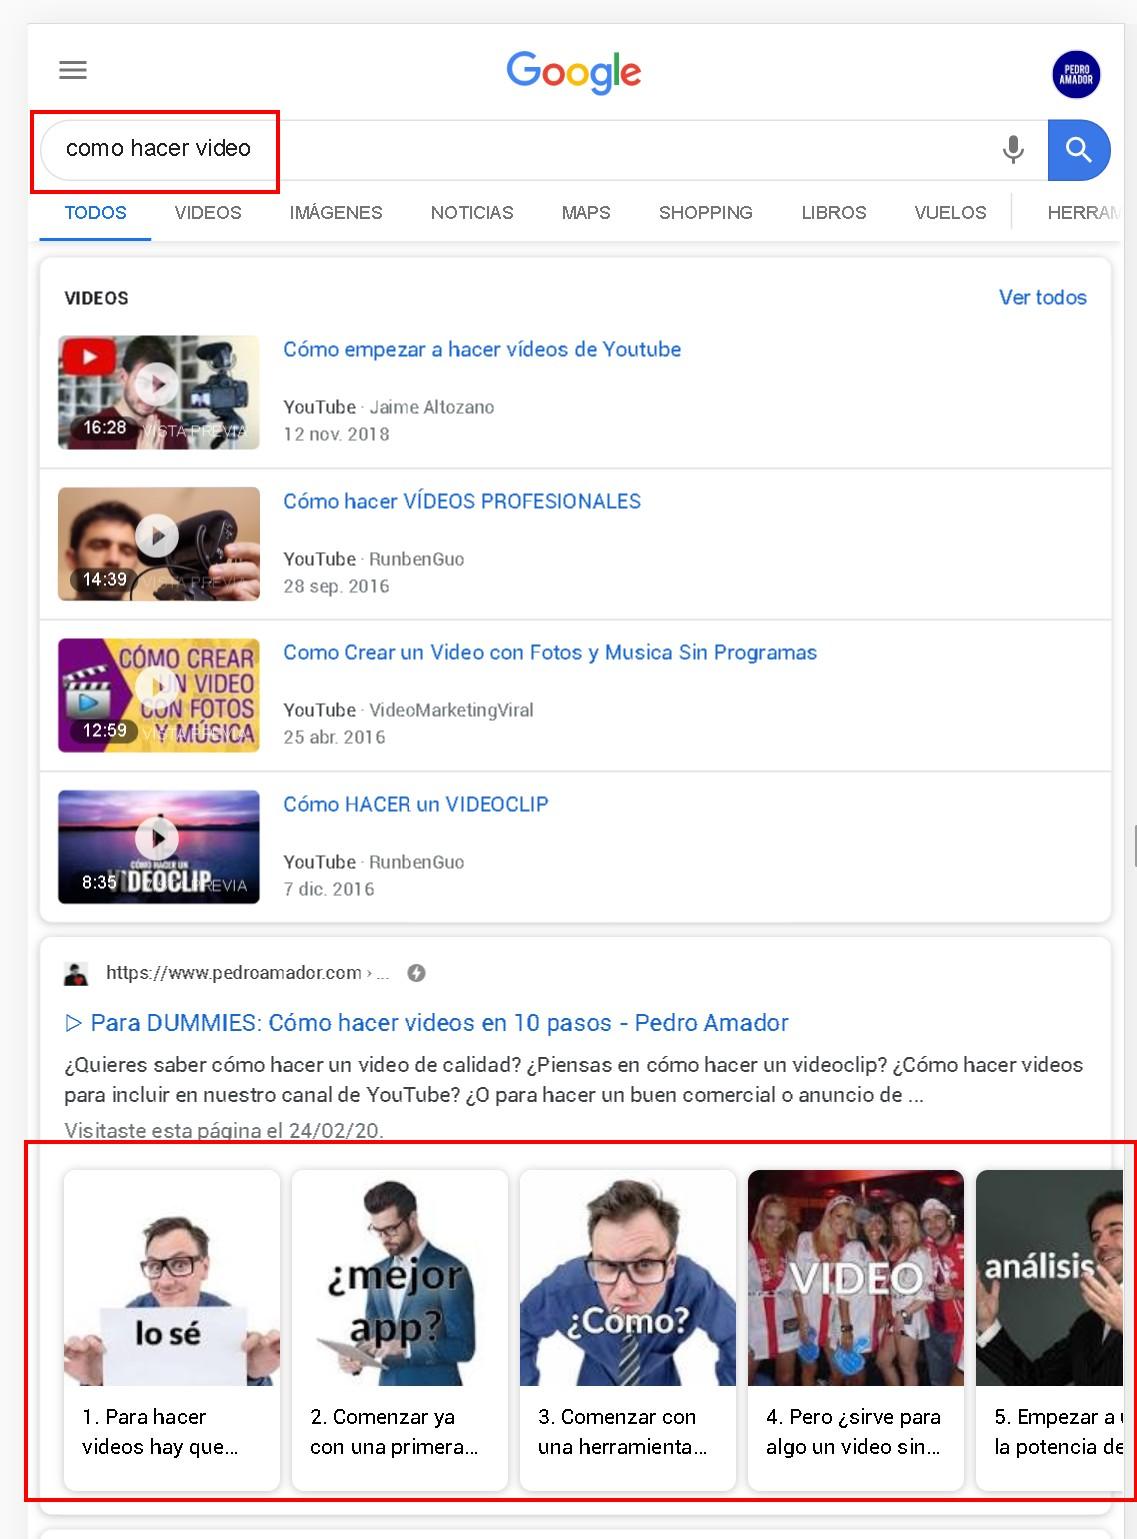 Ejemplo de resultados de búsqueda